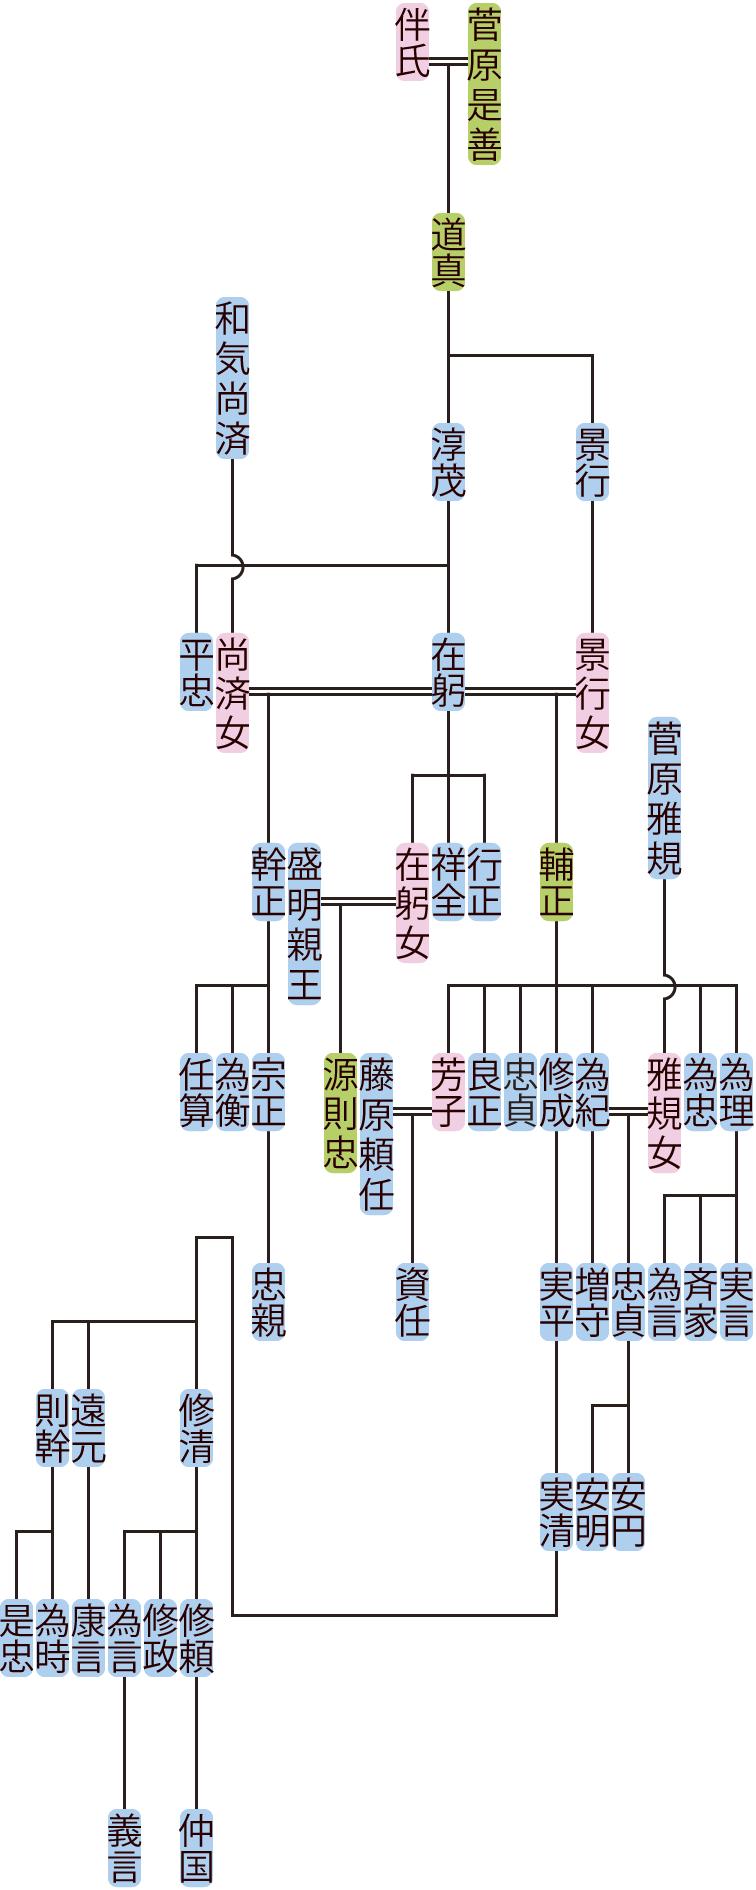 菅原淳茂の系図